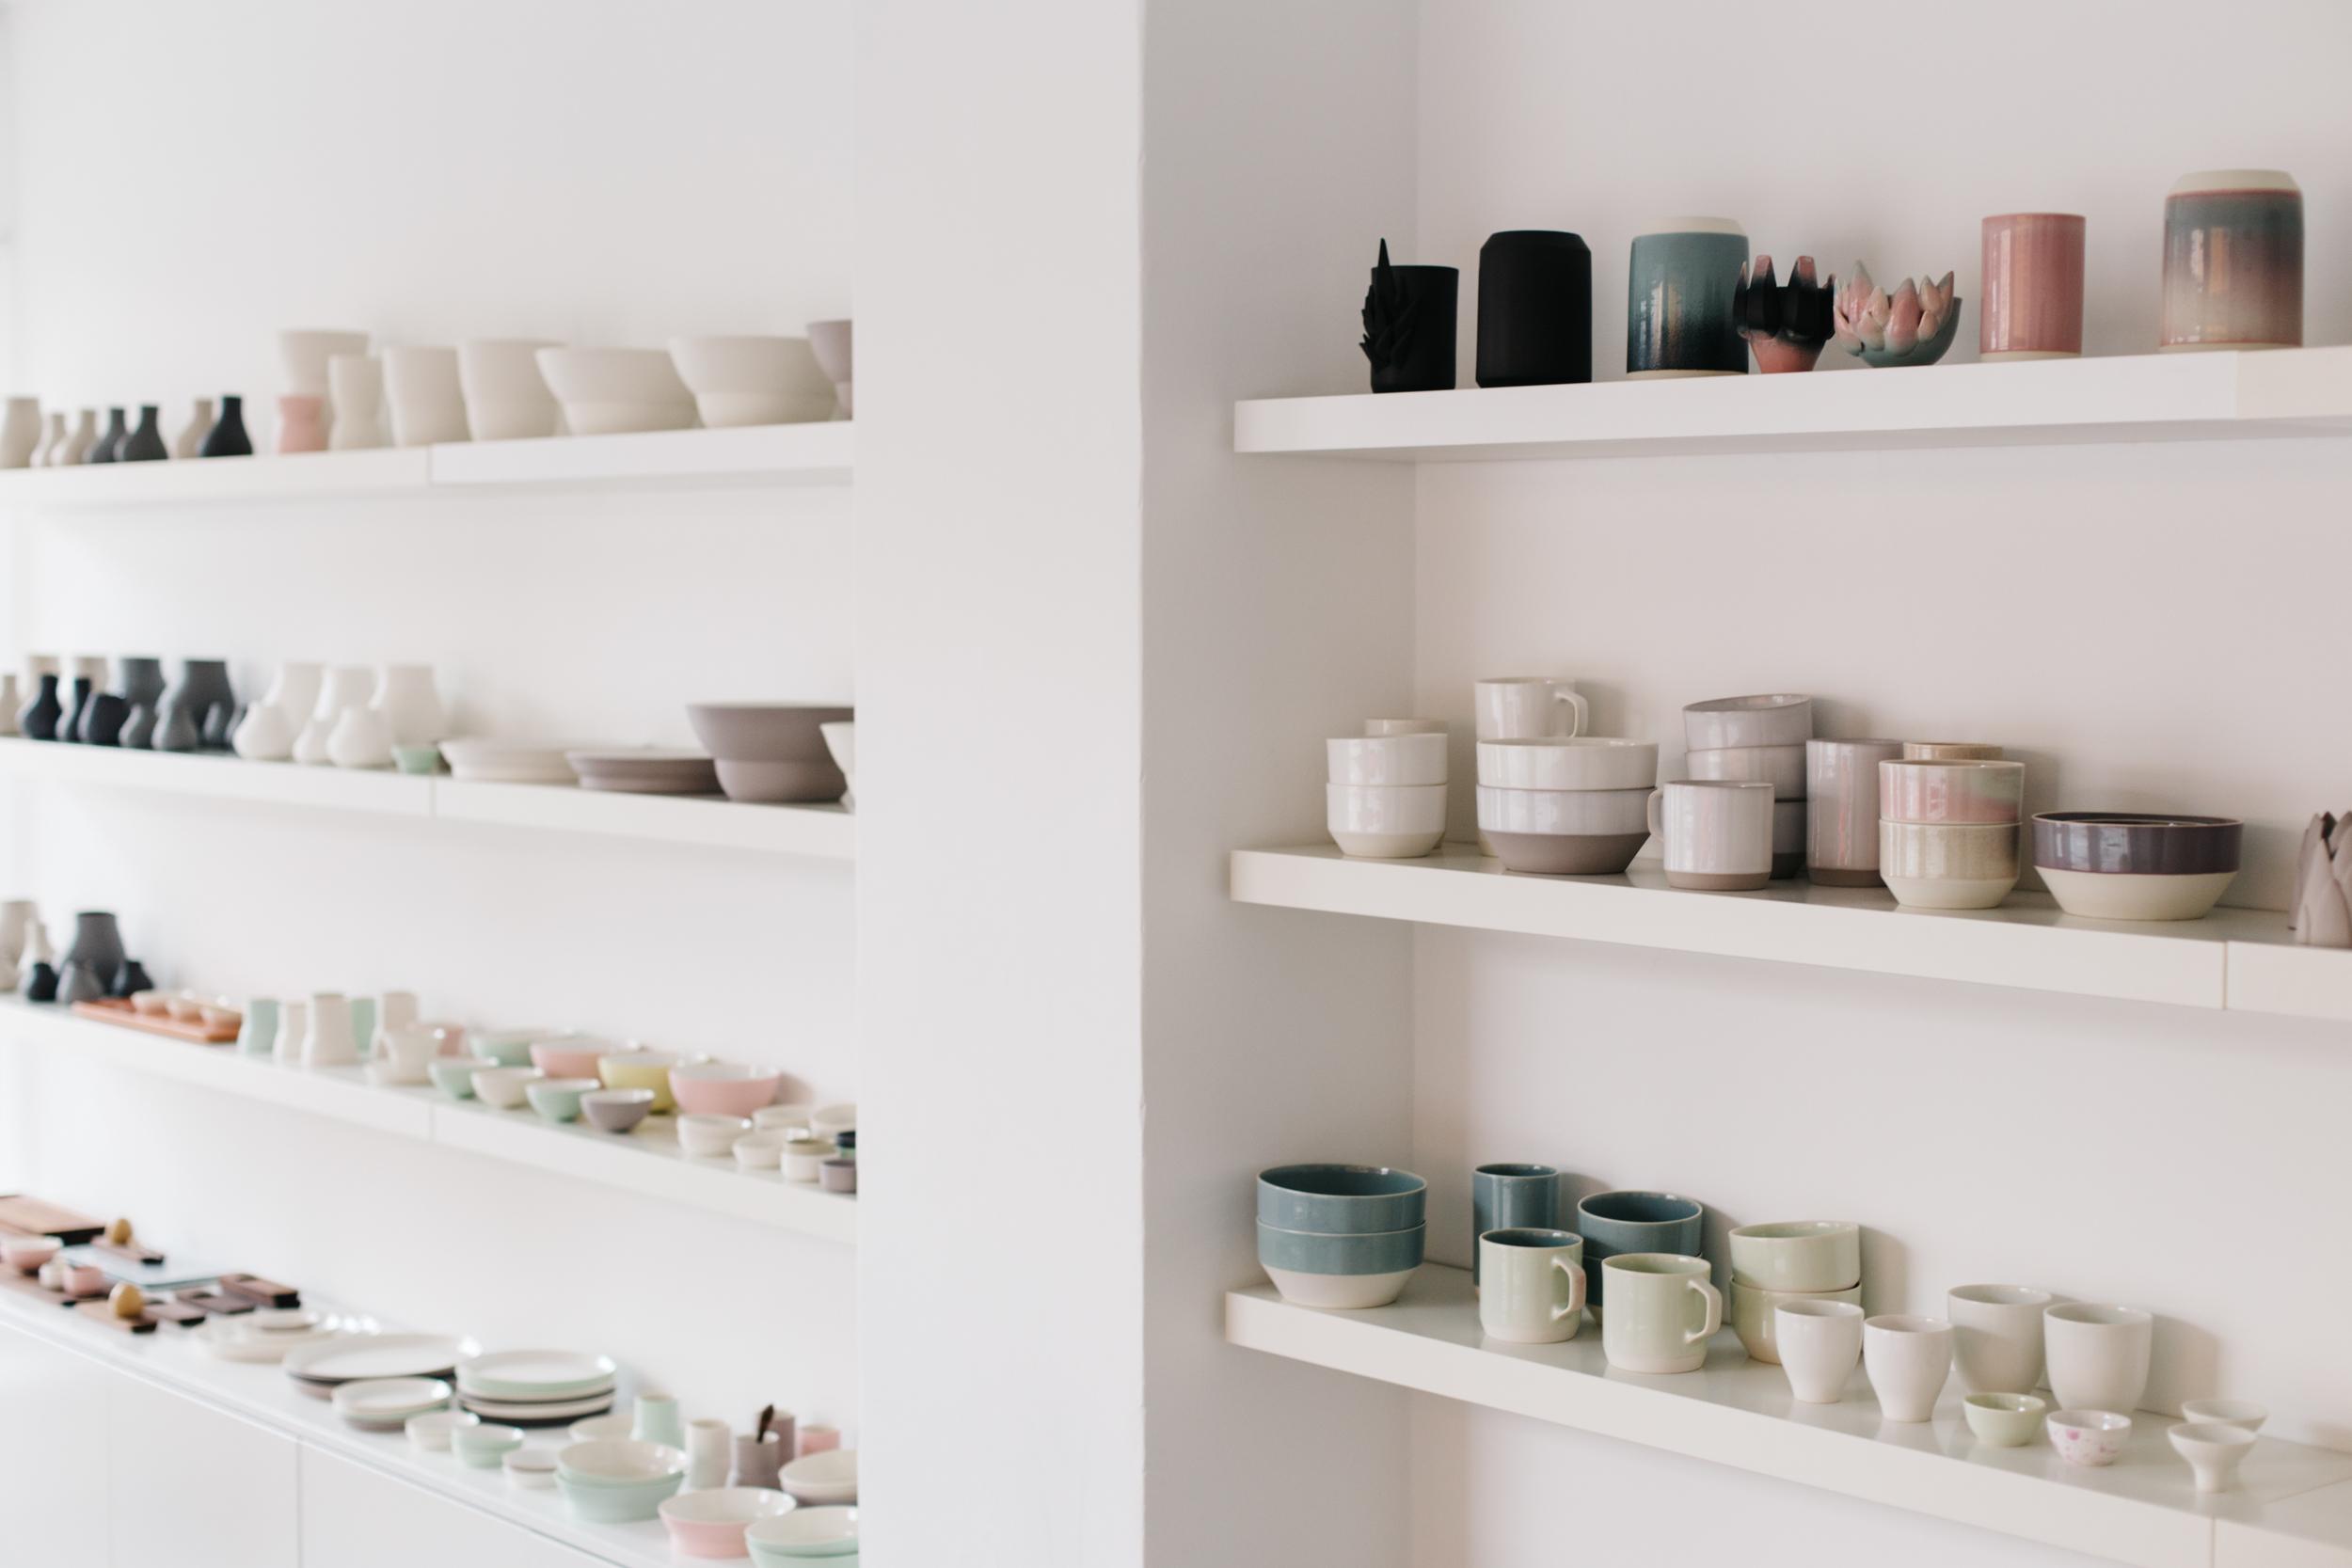 Keramik & Glasværkstedt (13 of 33).jpg